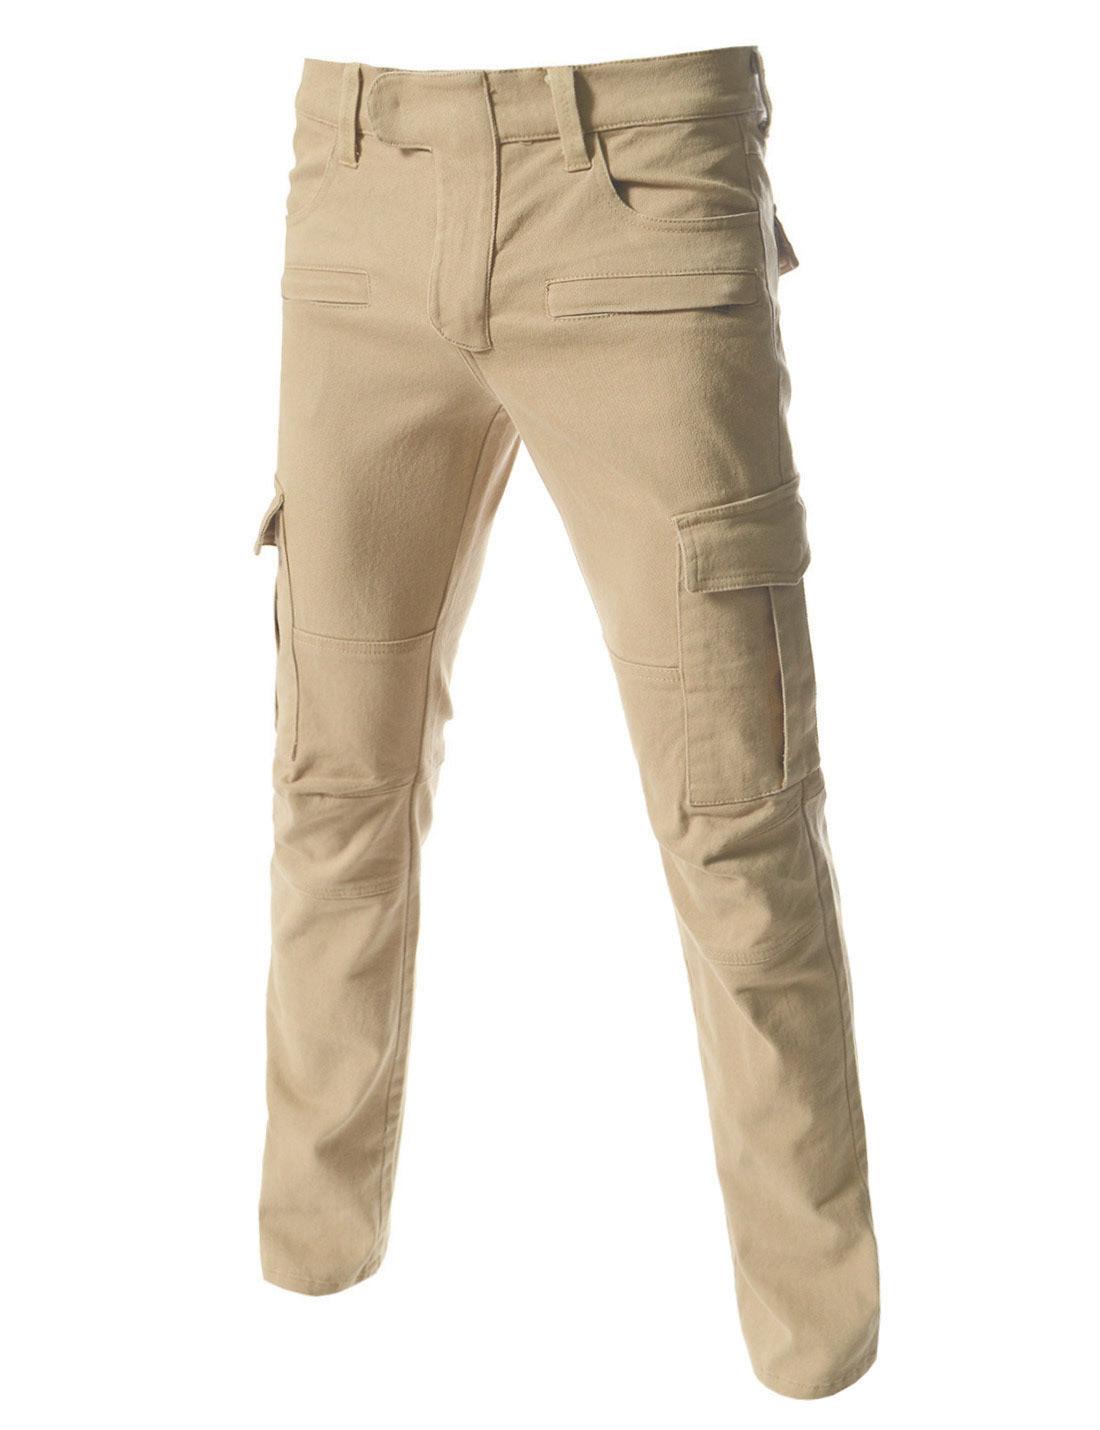 Мужские джинсы с накладными карманами доставка